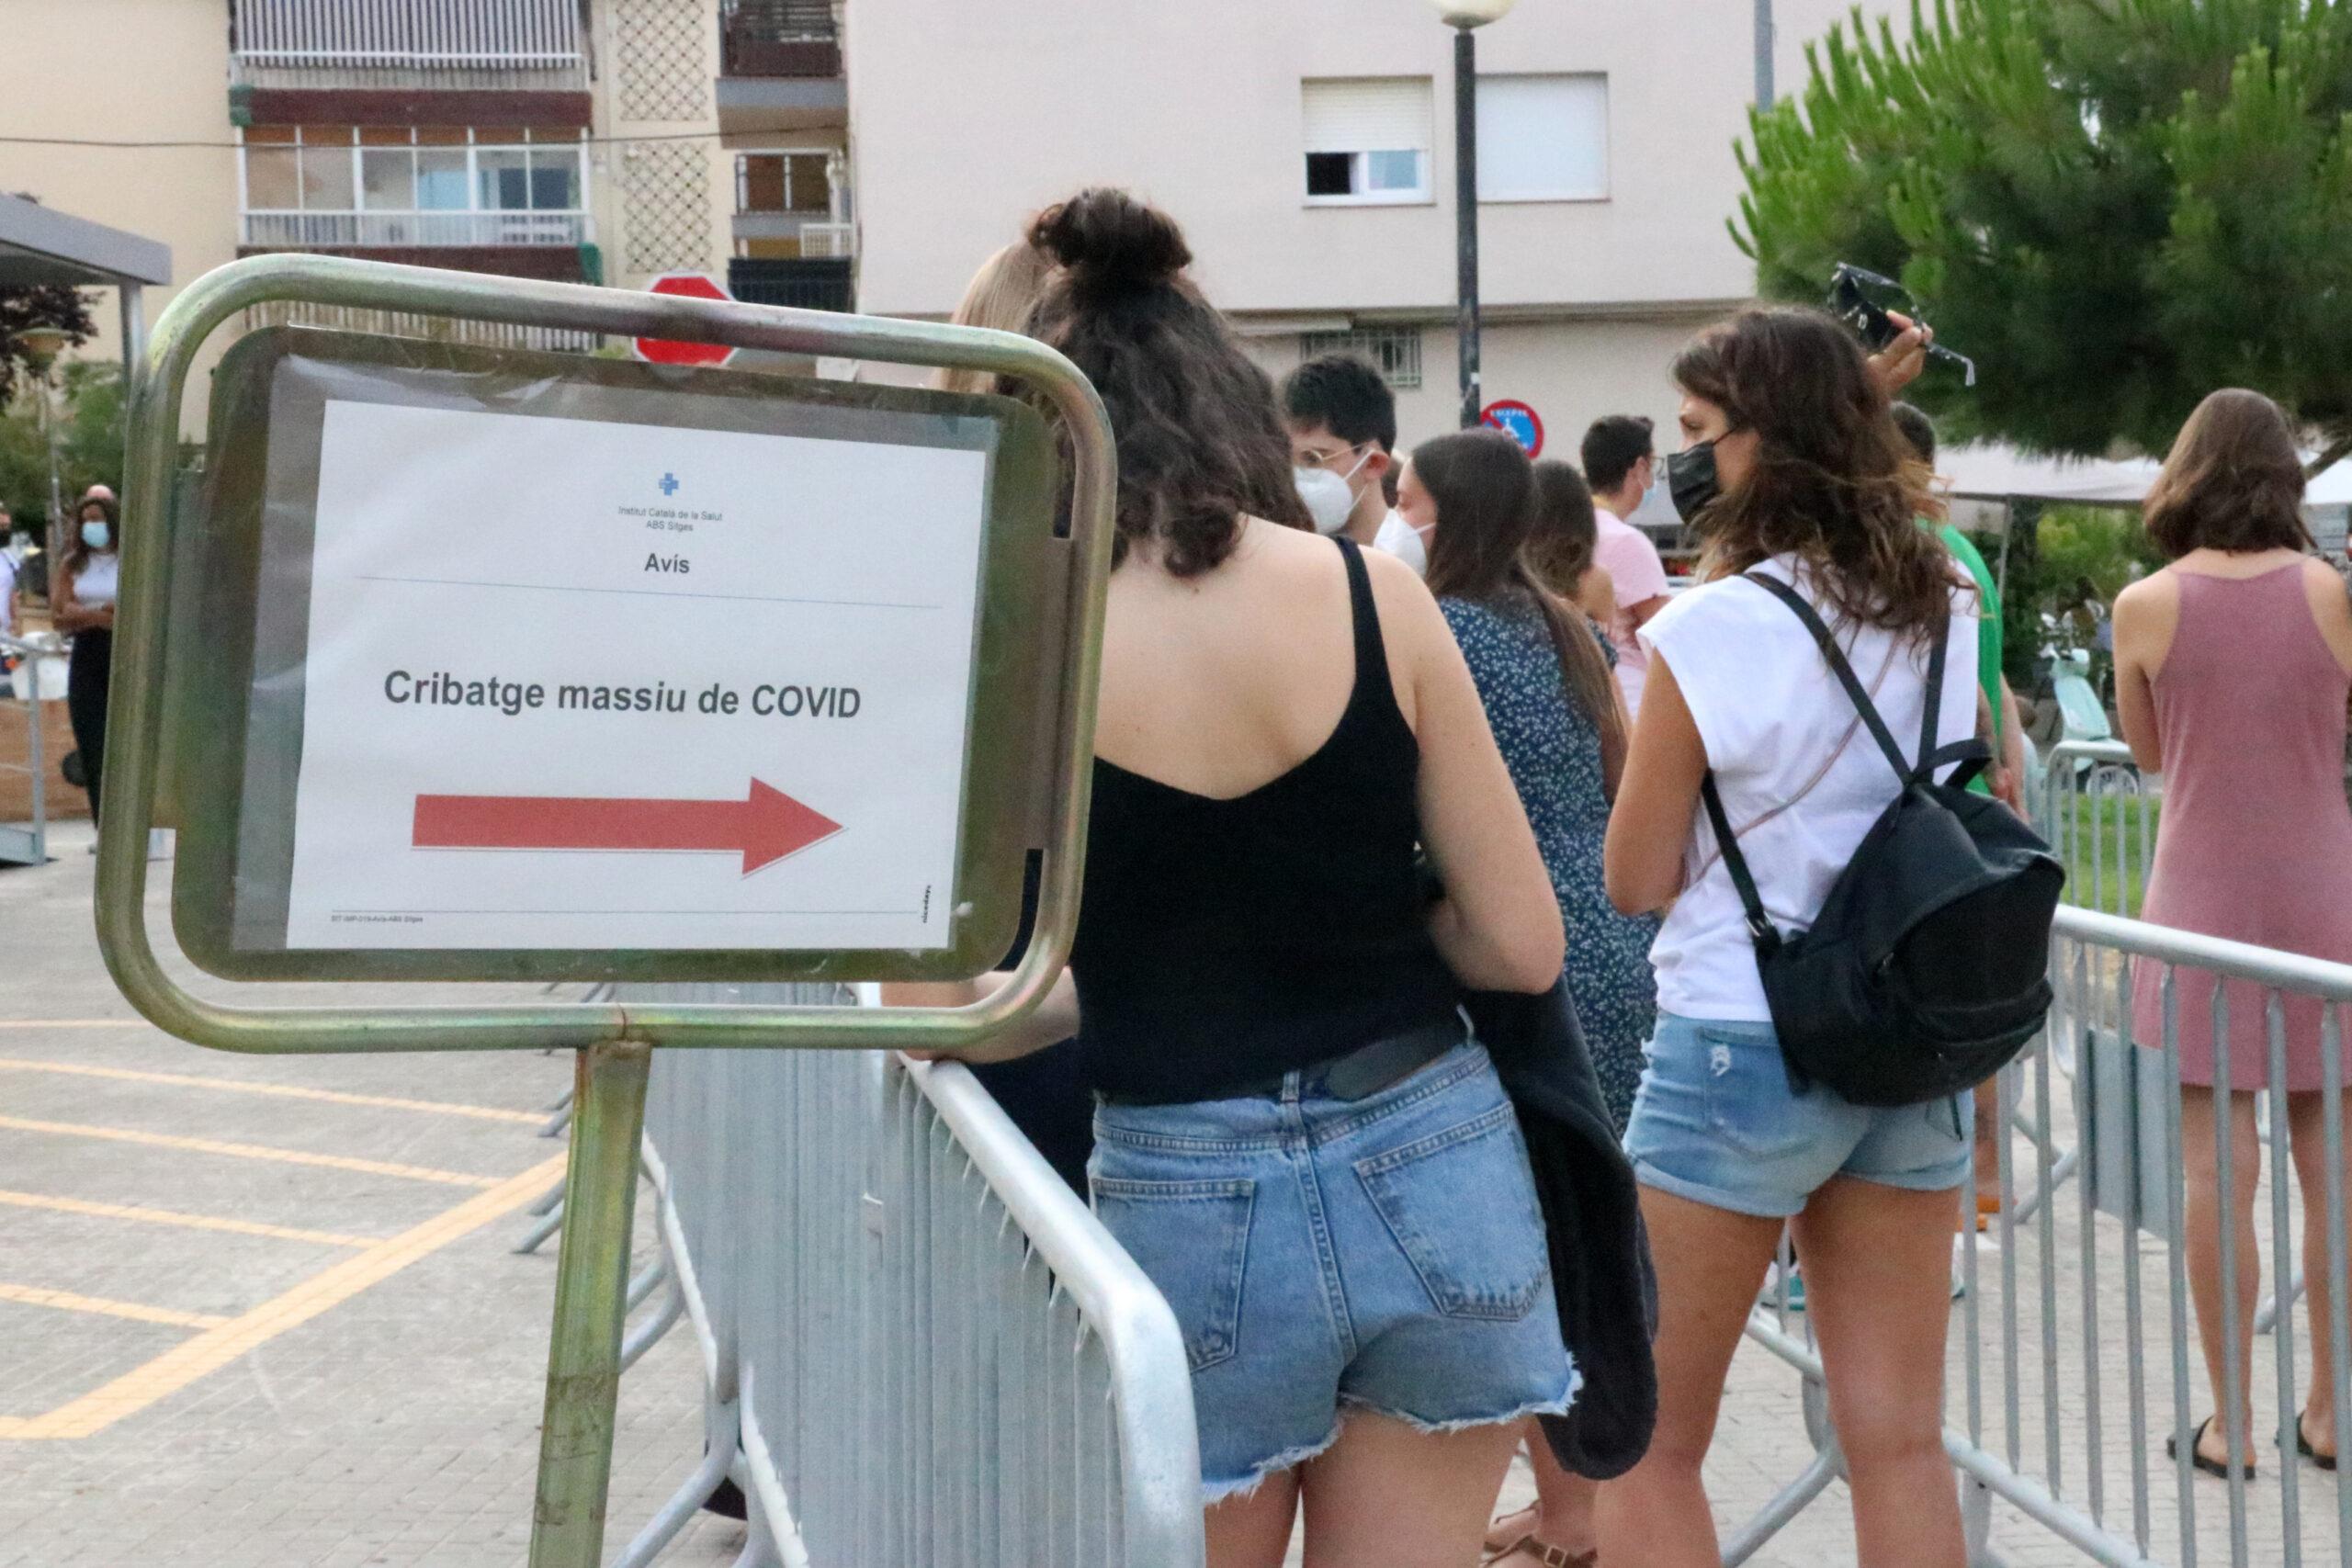 La cua del cribratge massiu de covid-19 a Sitges adreçat a gent jove, el 7 de juliol del 2021. / ACN